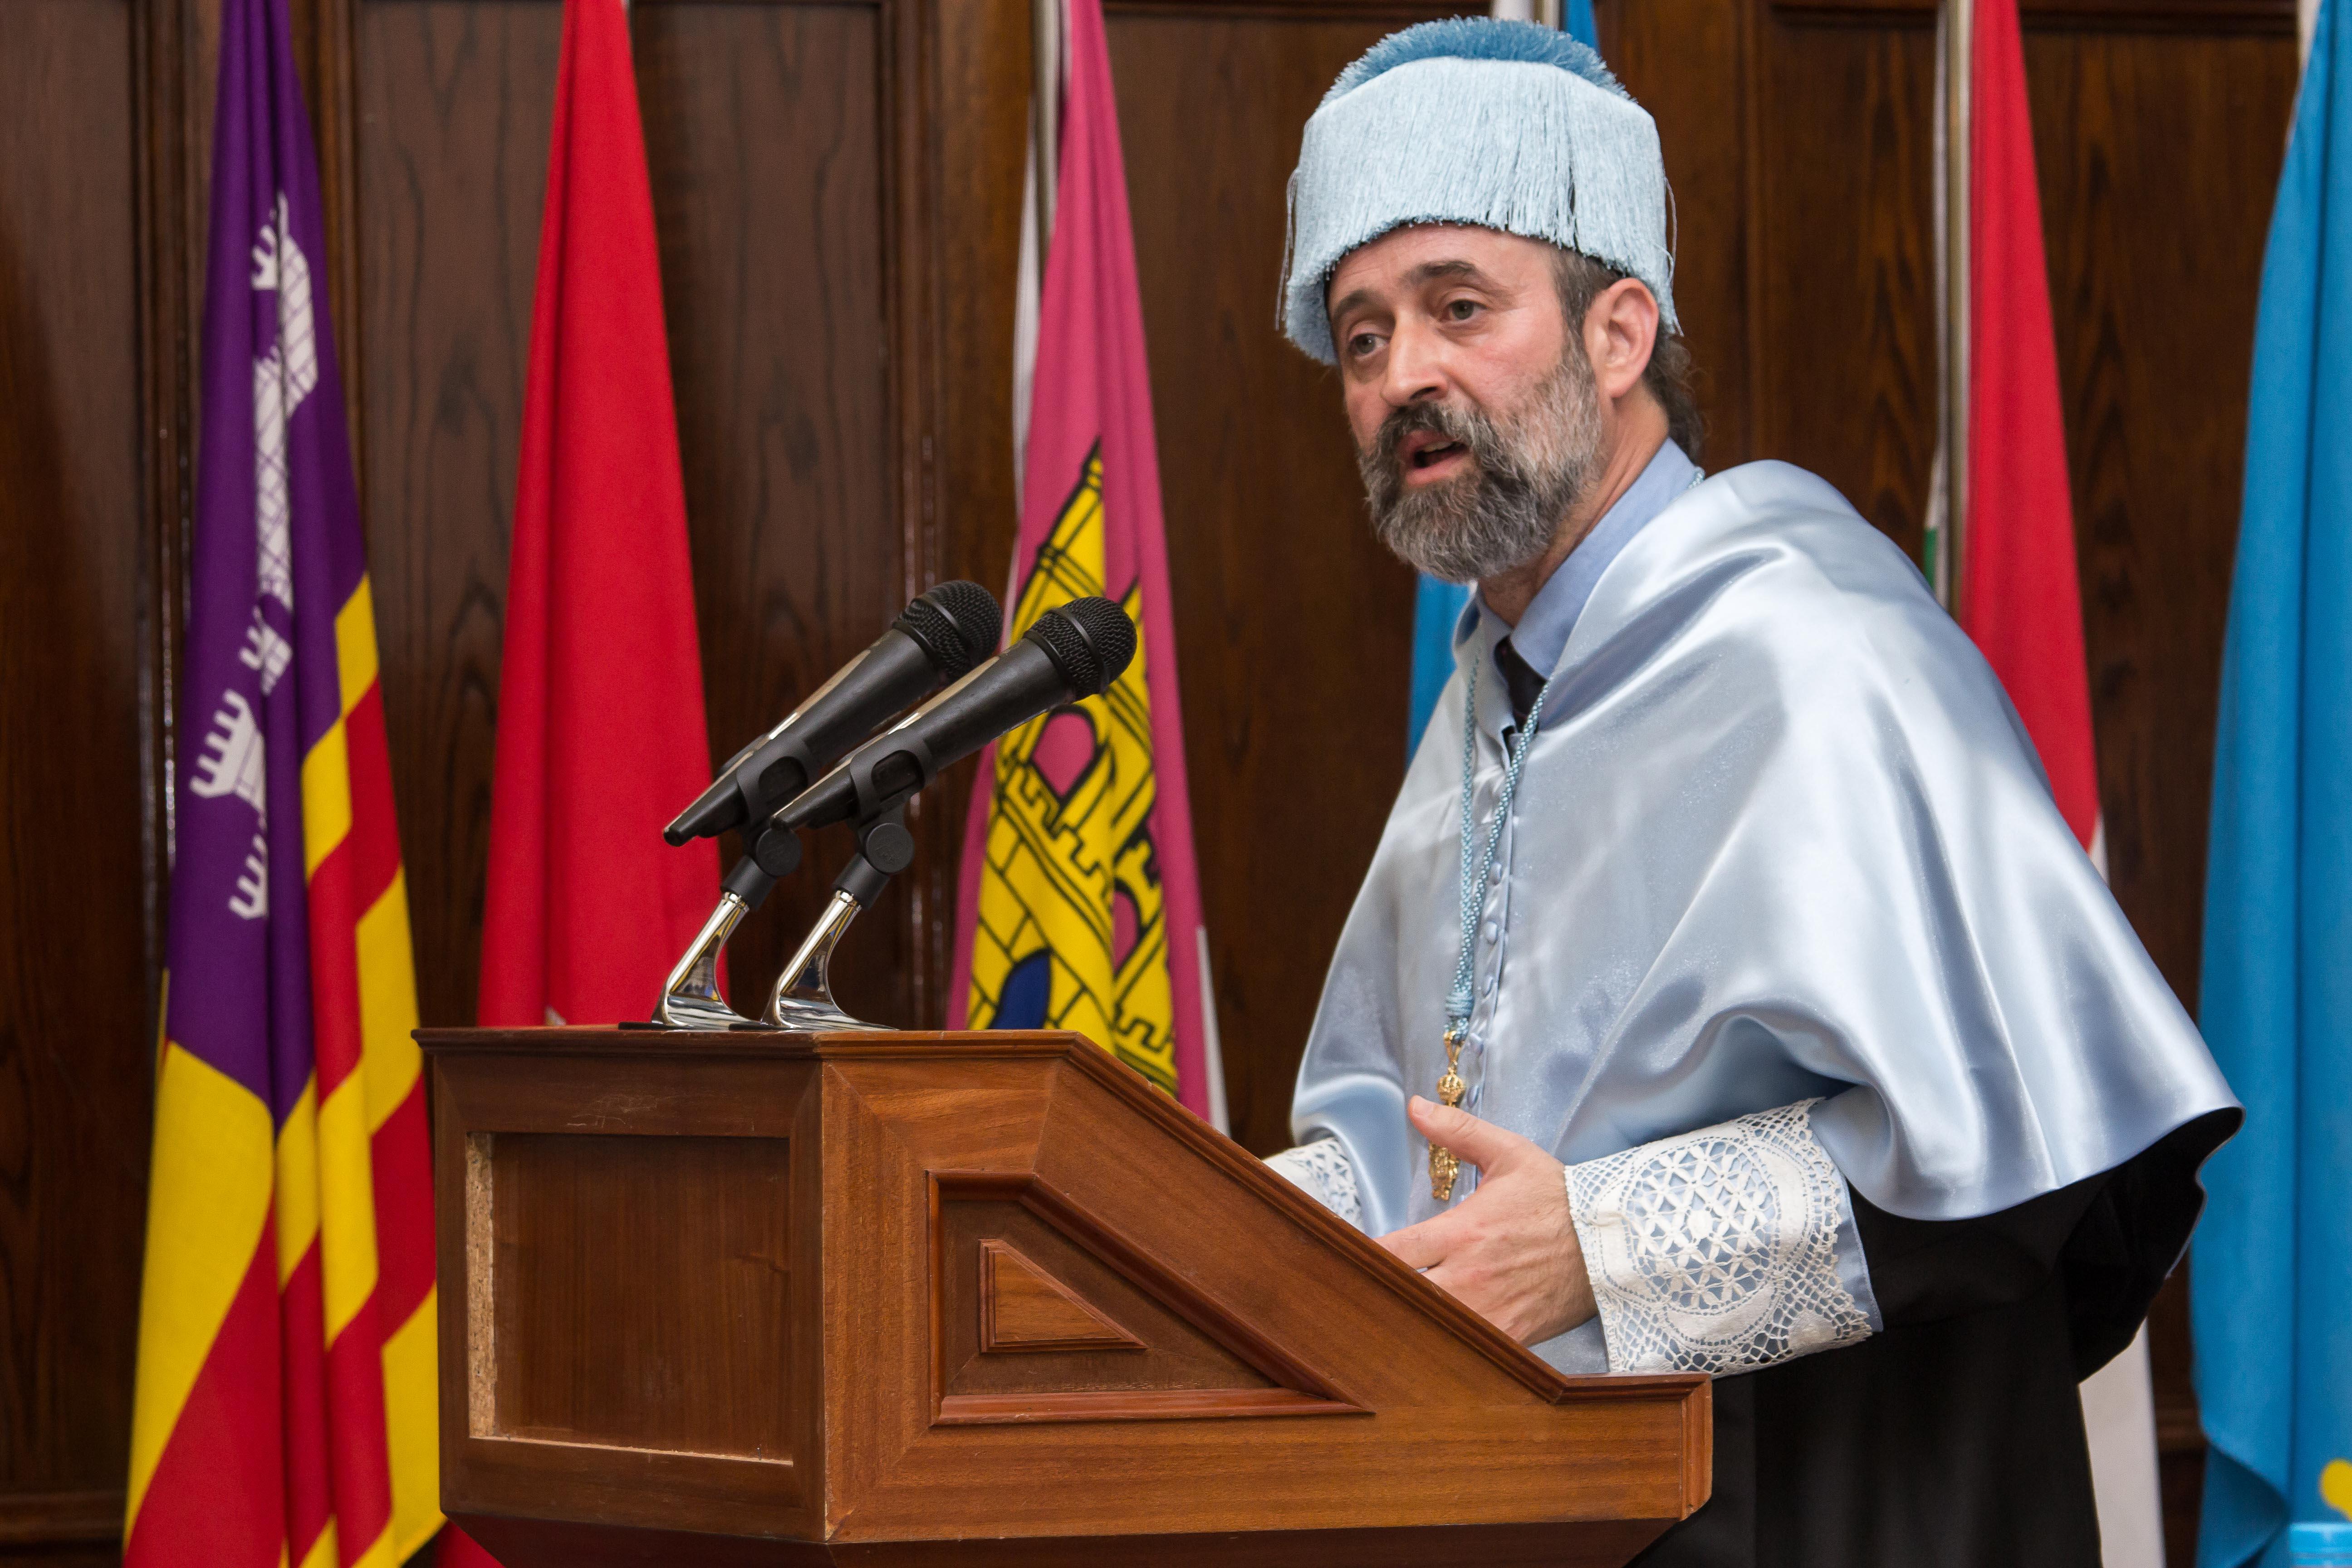 Antonio Notario toma posesión como miembro de número de la Real Academia de Doctores de España